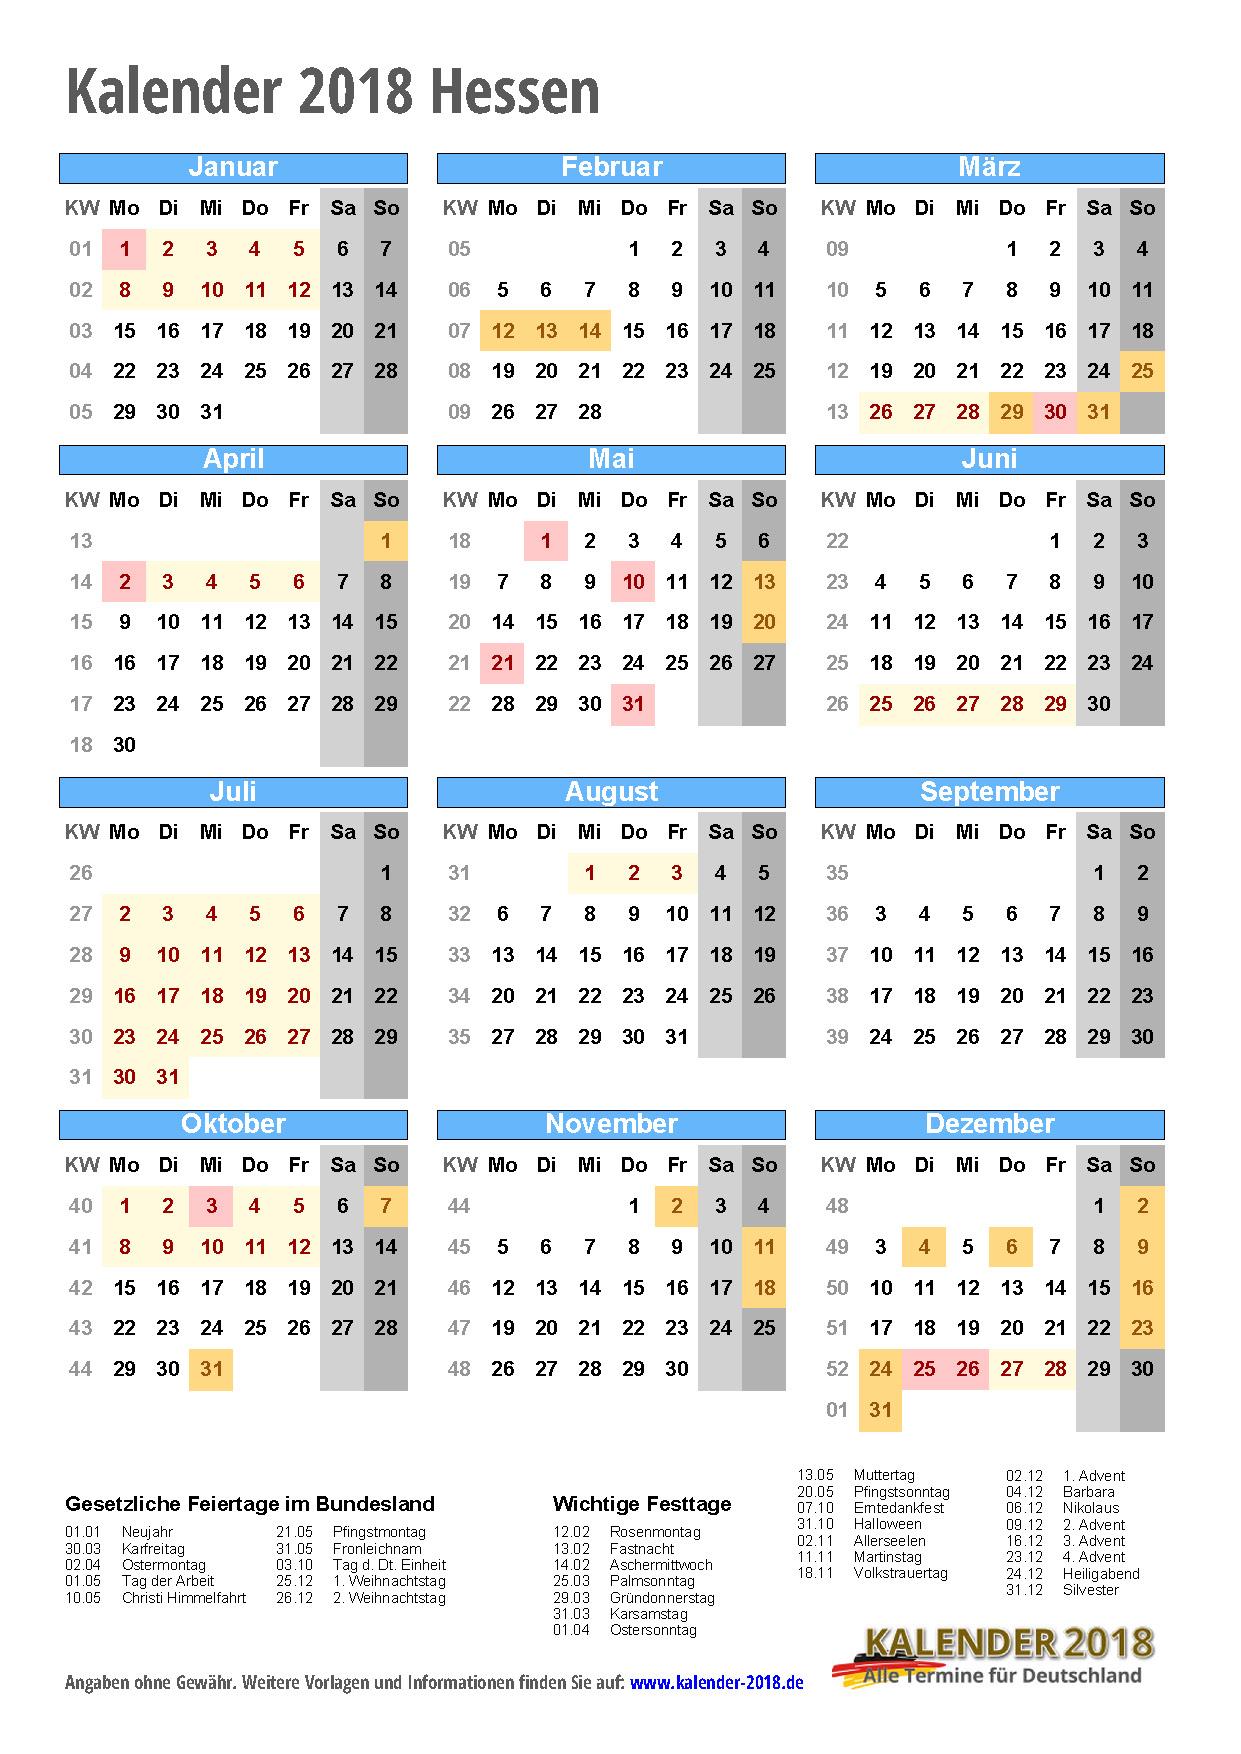 kalender 2018 hessen zum ausdrucken kalender 2018. Black Bedroom Furniture Sets. Home Design Ideas